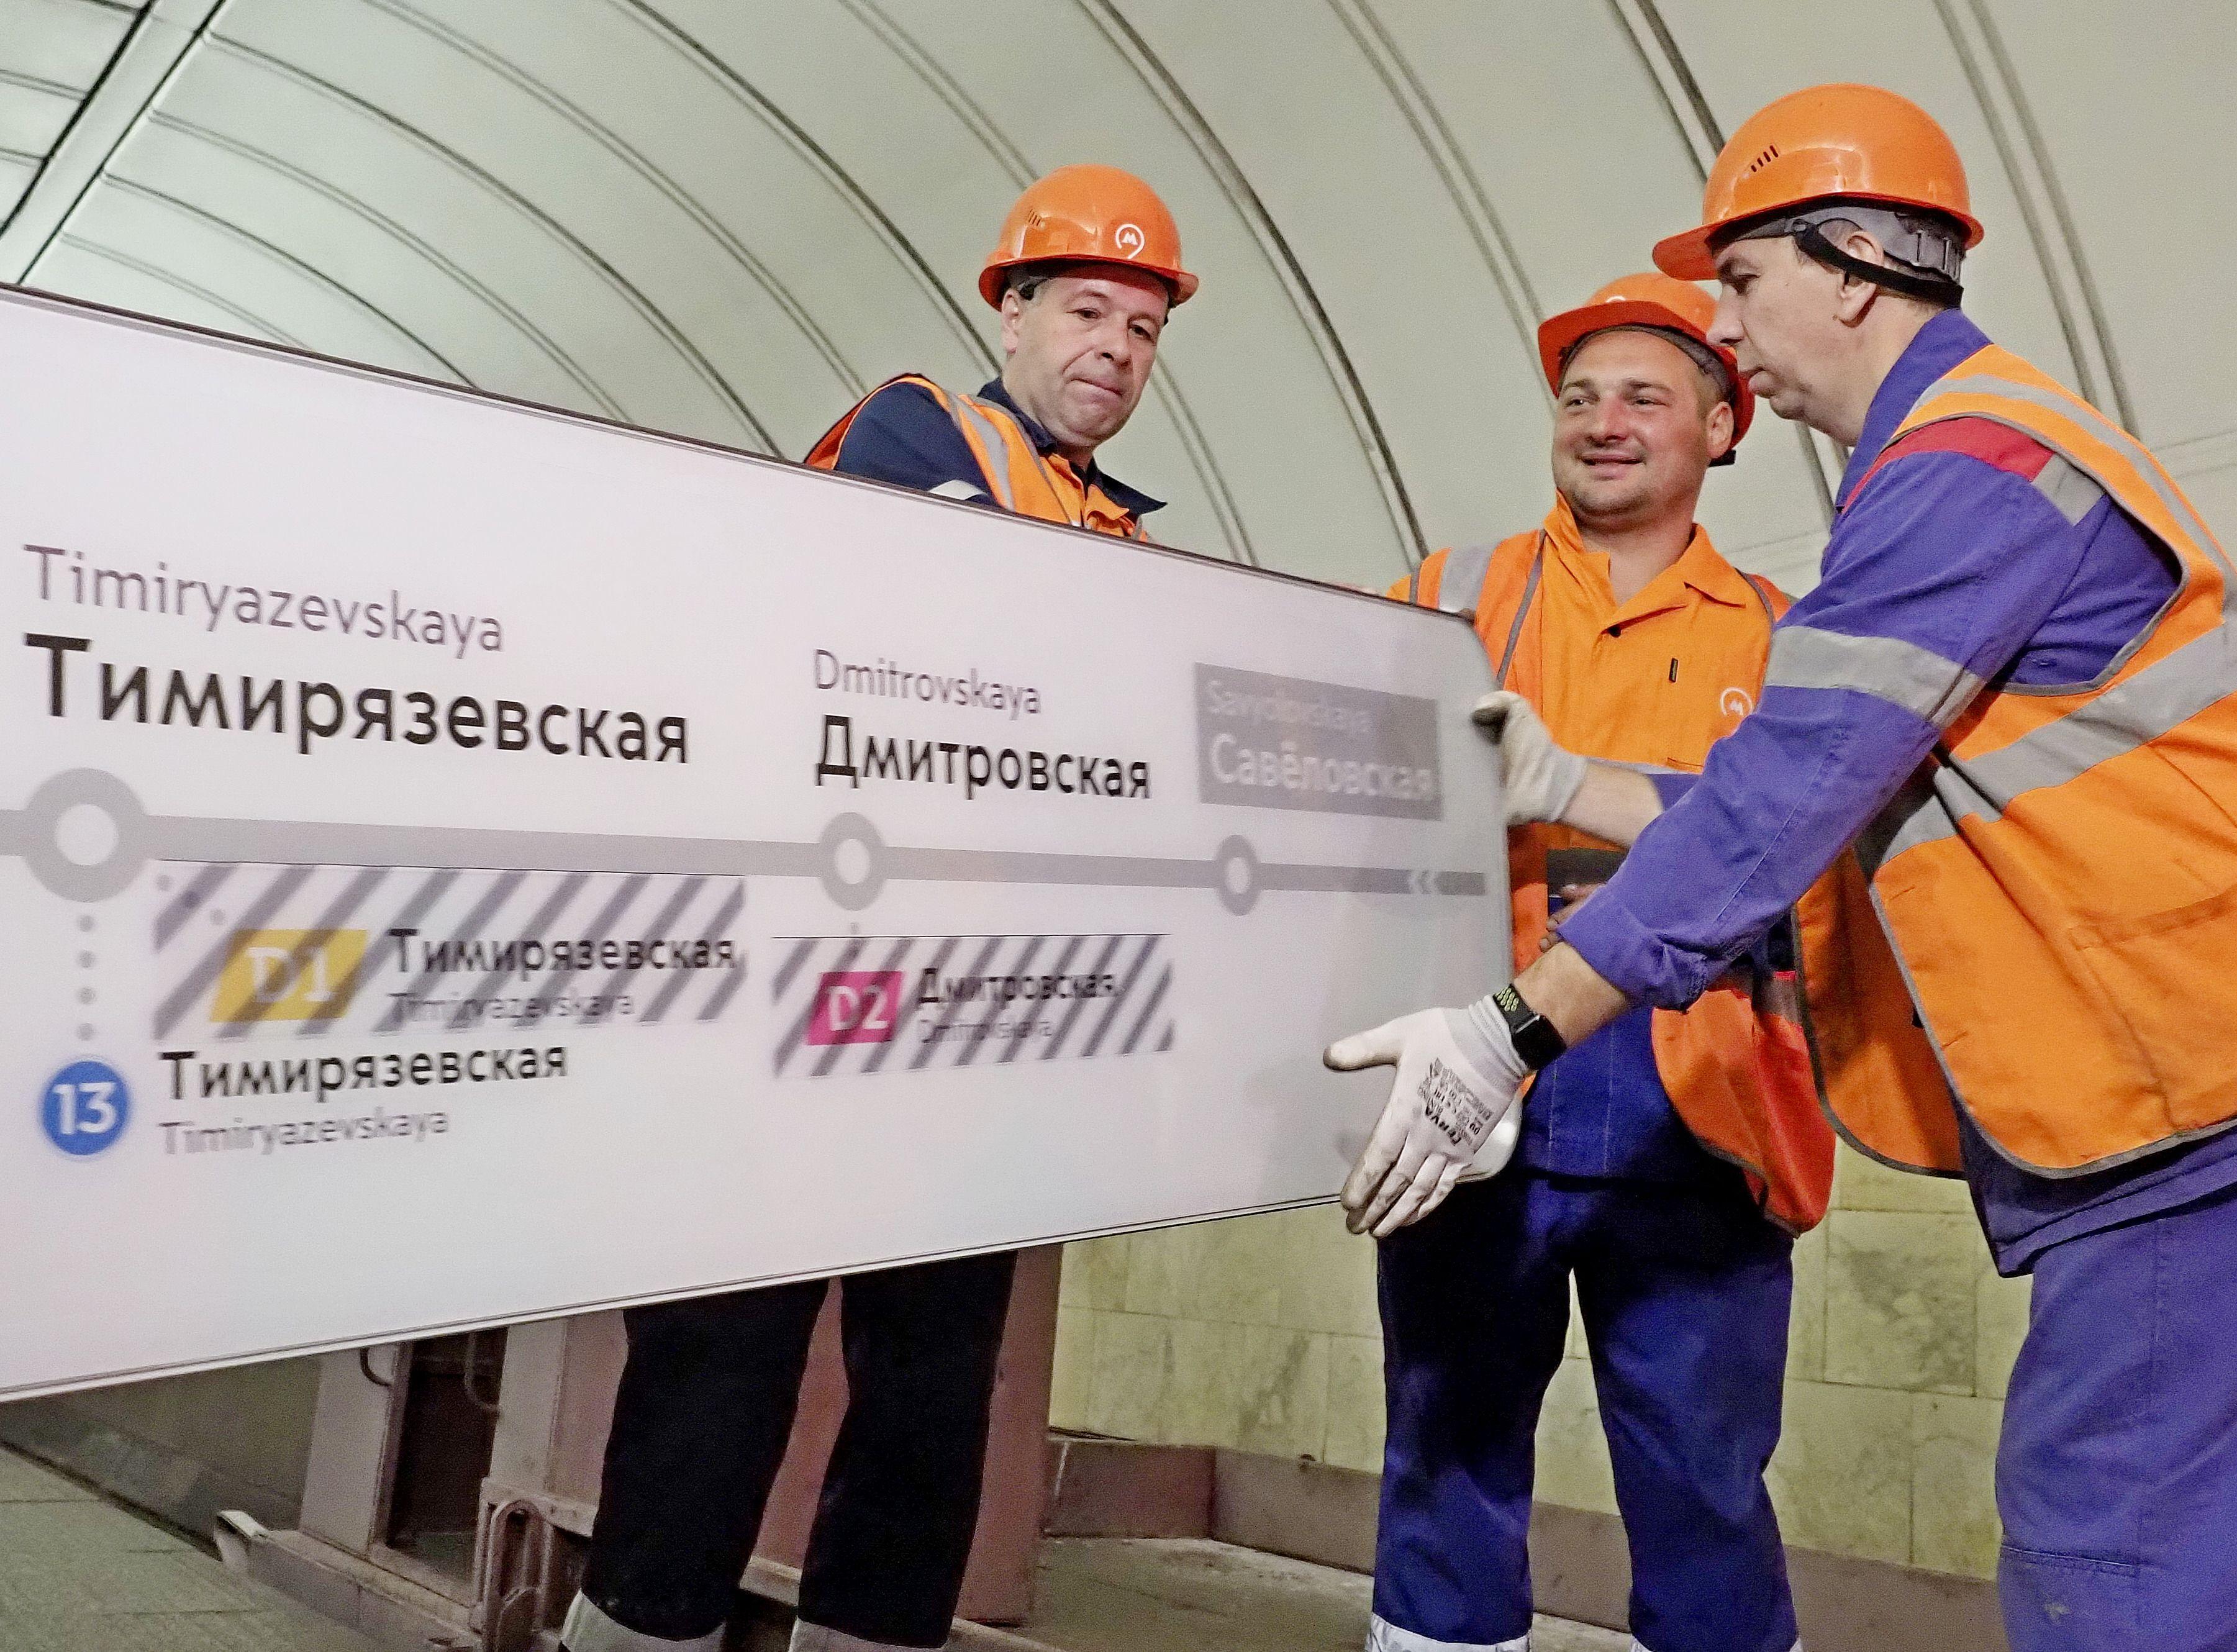 Приложение «Метро Москвы» получило схему МЦД